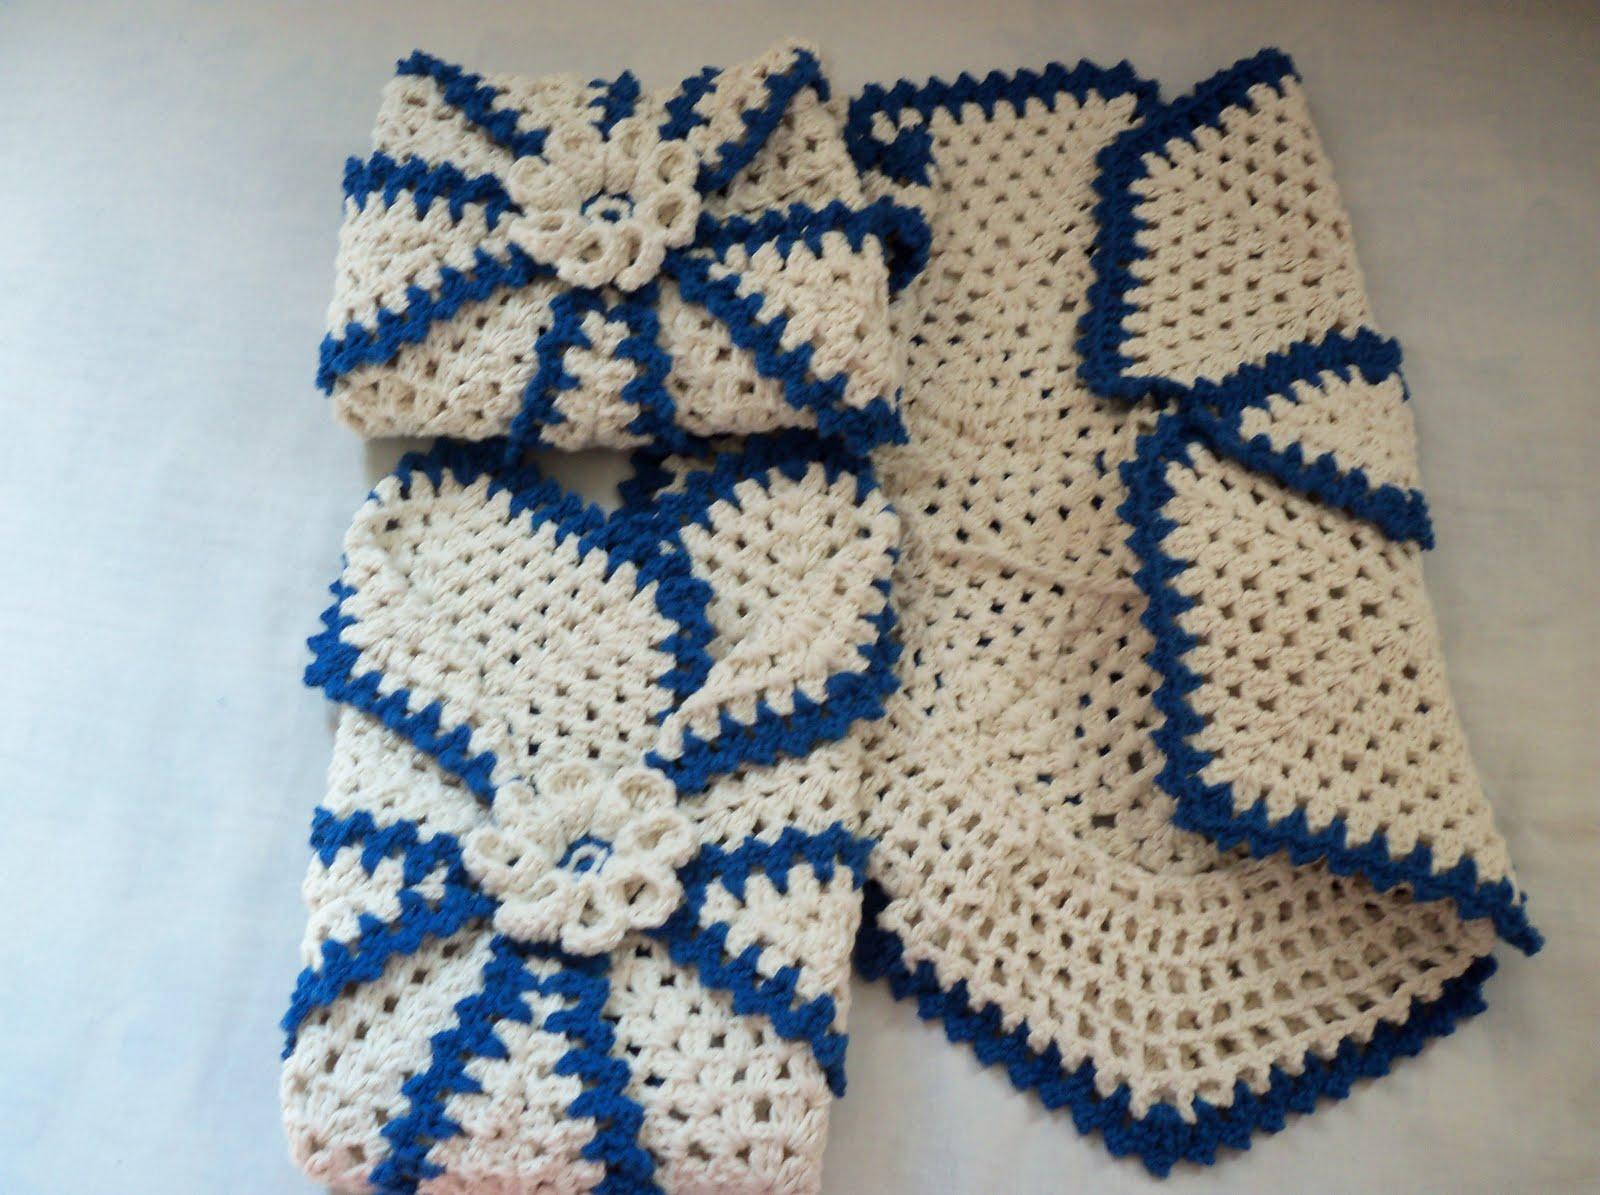 Kit Para Banheiro Artesanato ~ Edi artesanatos Jogo de Banheiro em croch u00ea azul